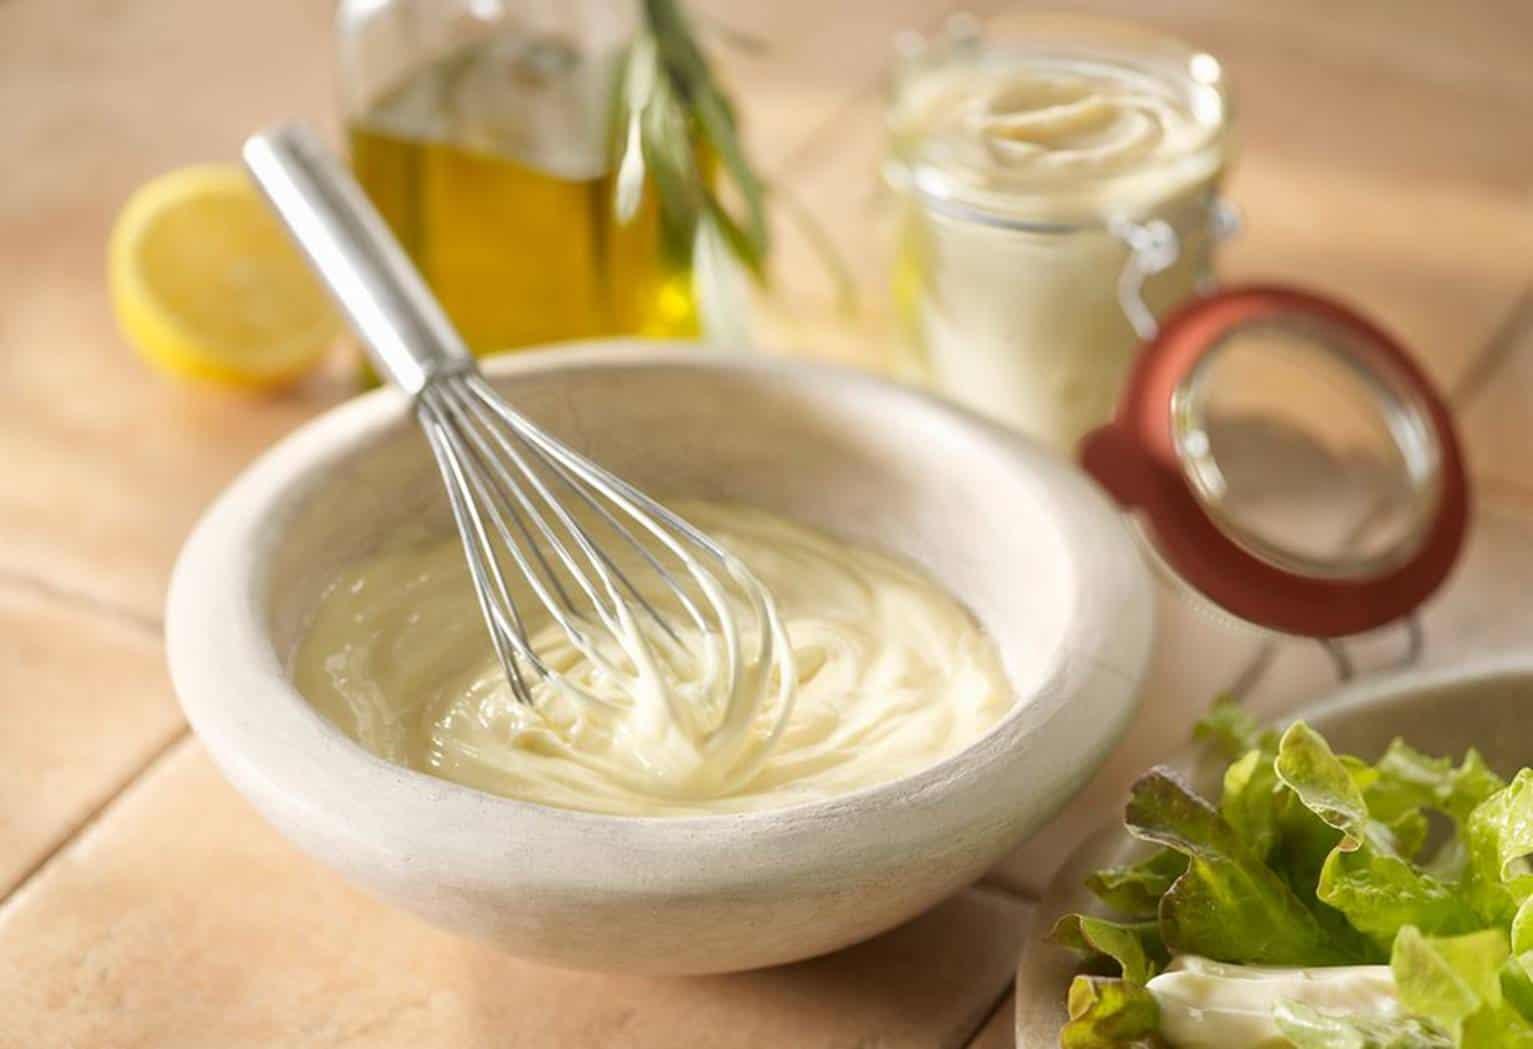 Fácil de fazer! Aprenda uma receita de maionese totalmente saudável